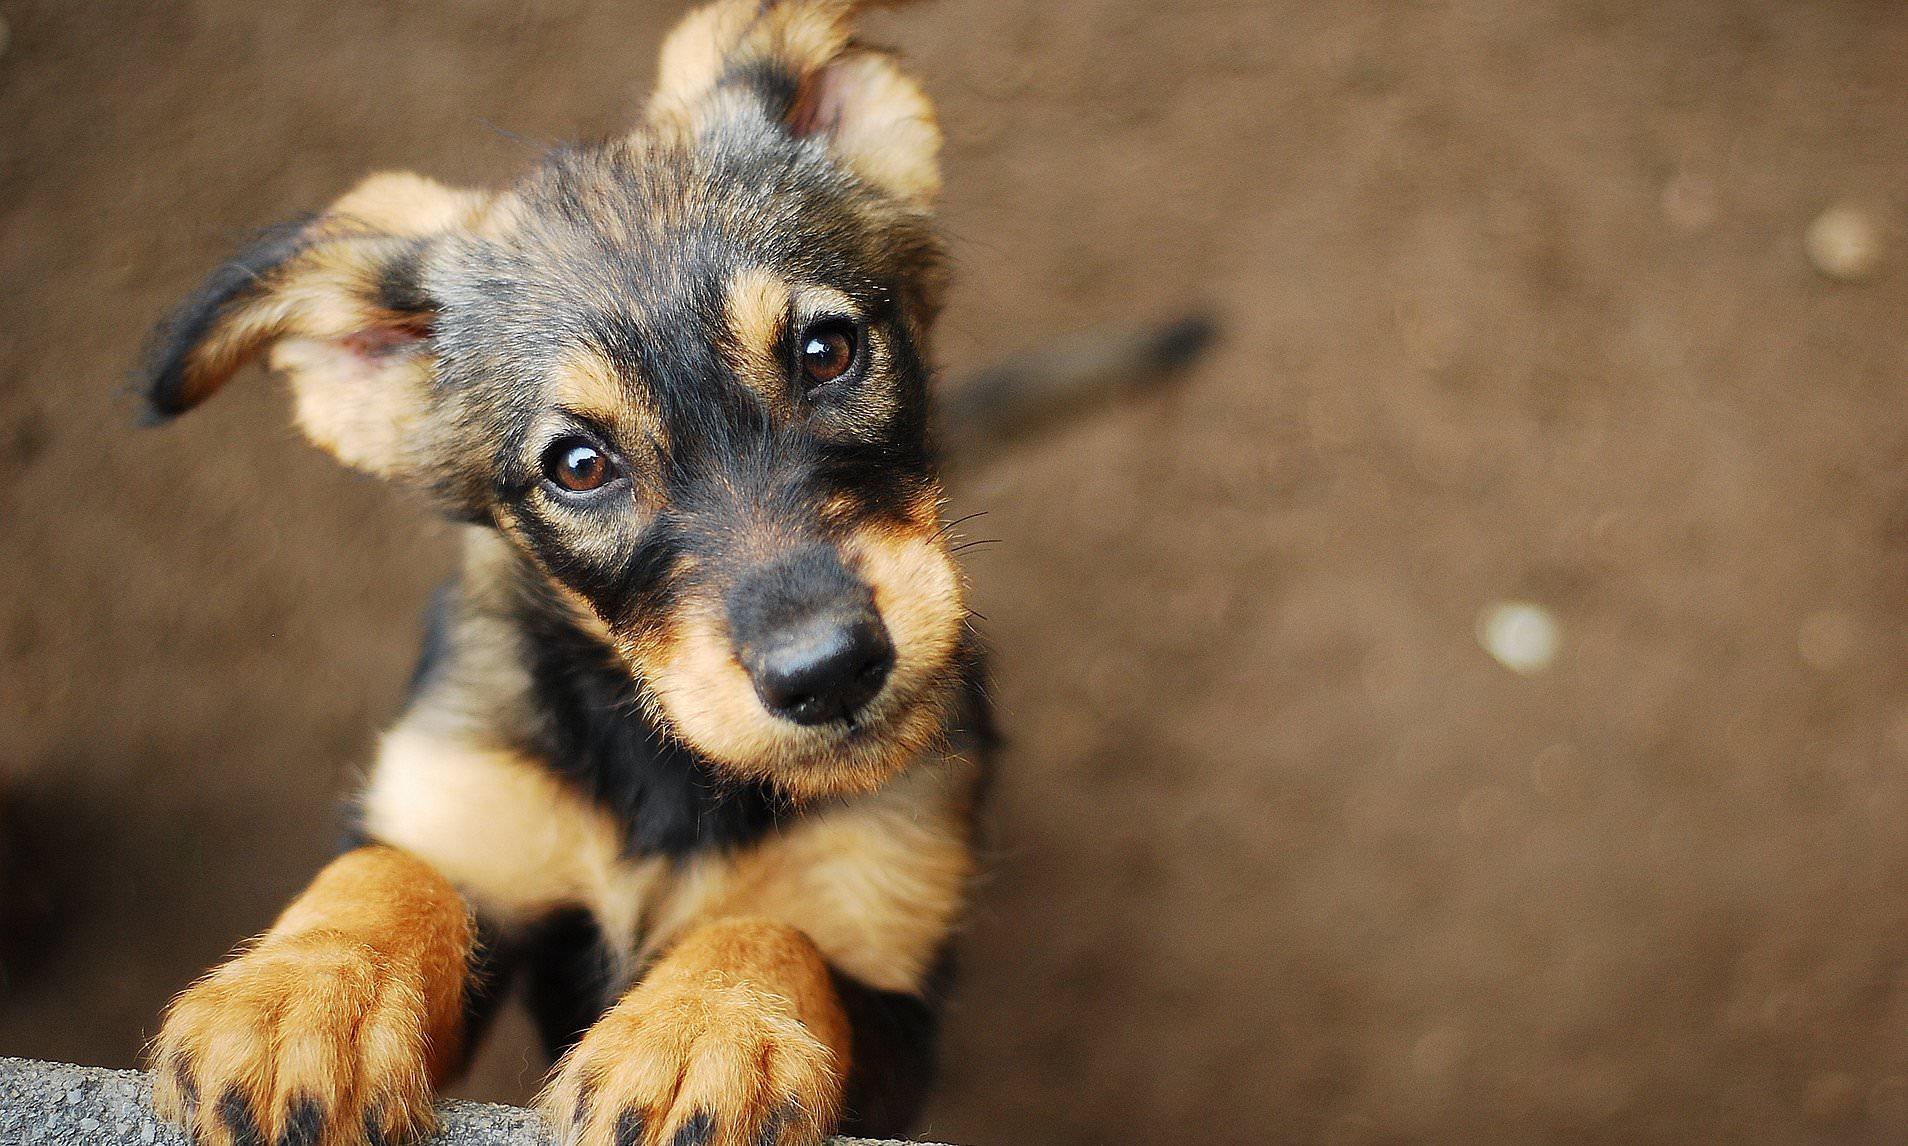 Собаки учуяли эпилептический припадок у человека